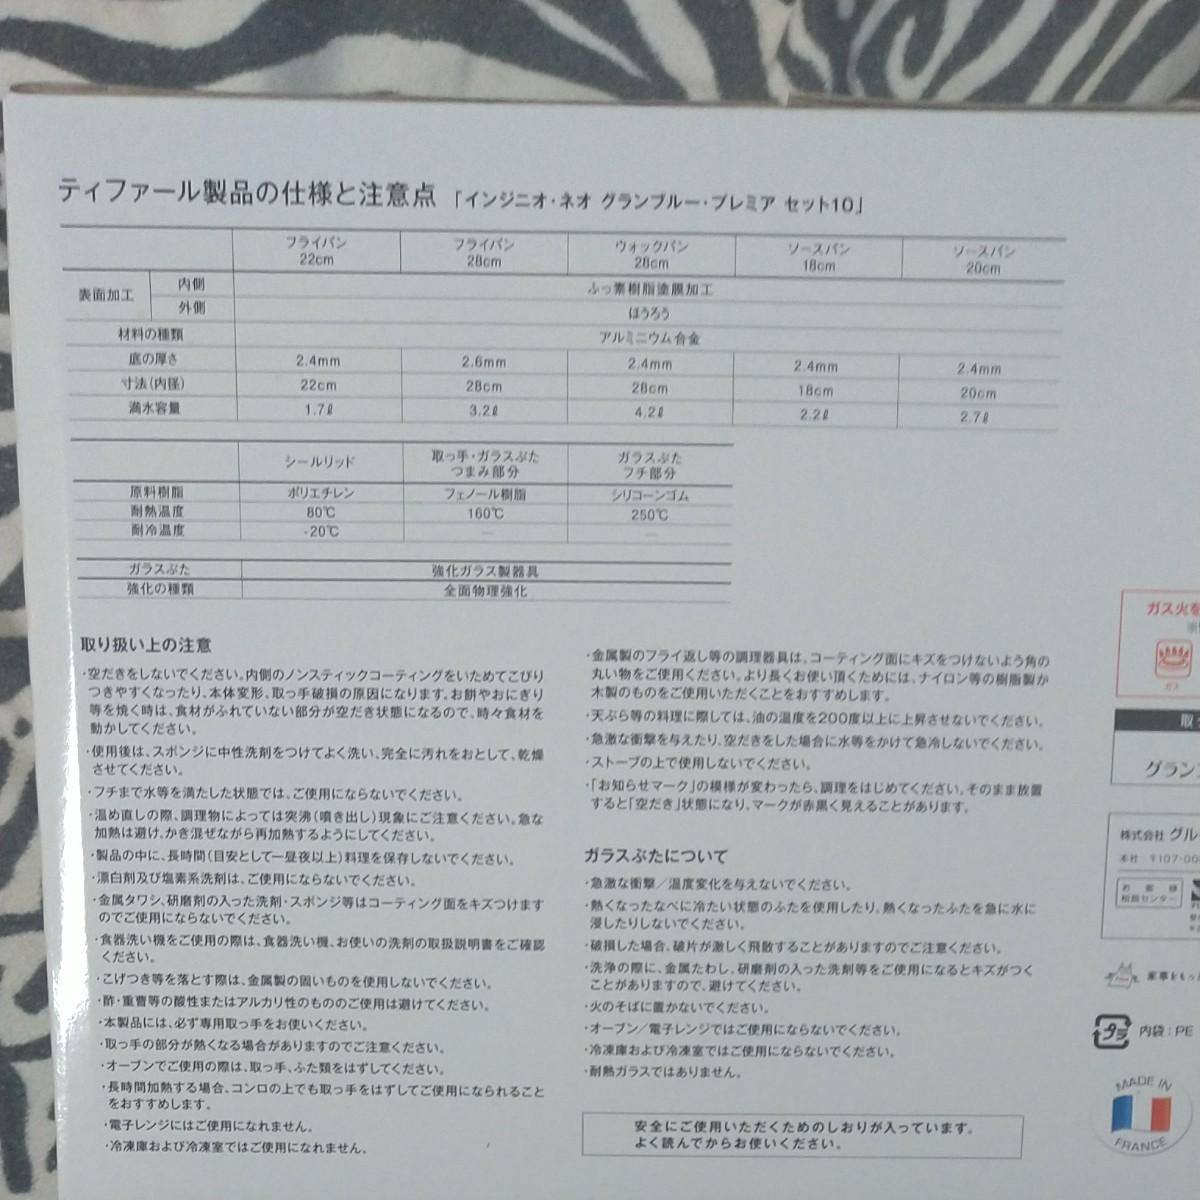 T-fal ジニオ イン グランブルー フライパンセット10セット  コロナ特別大特価